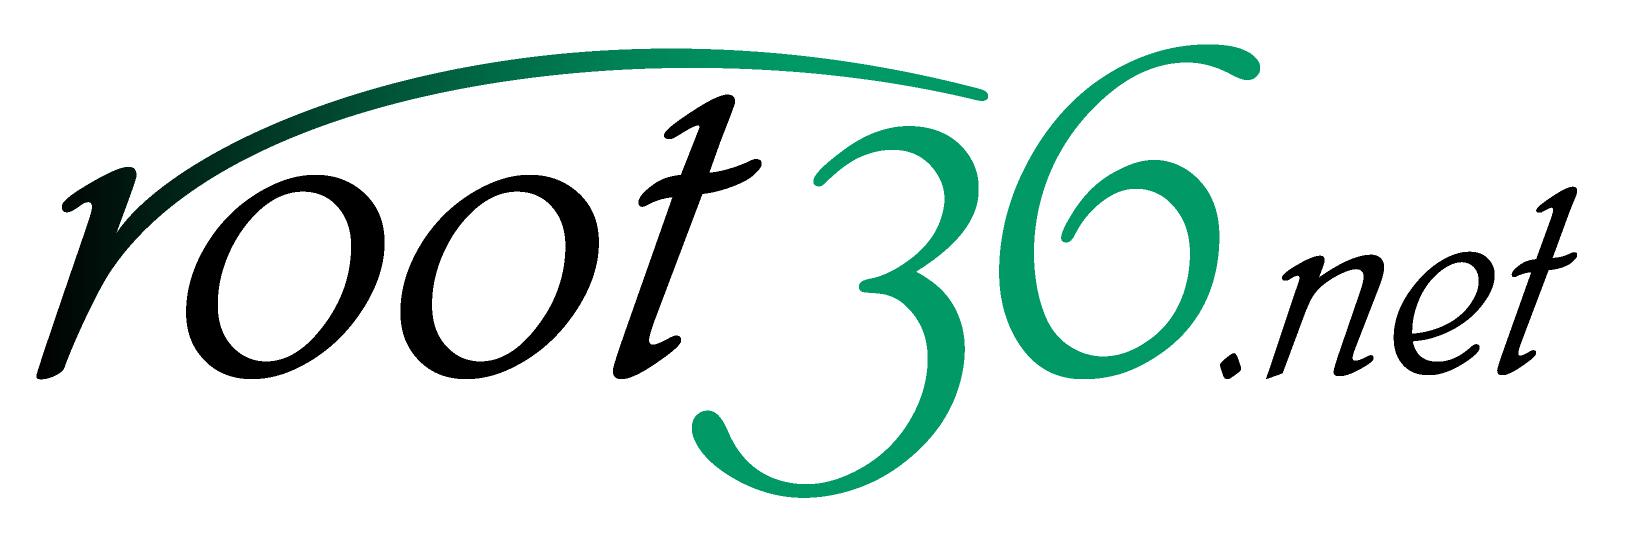 root36.net